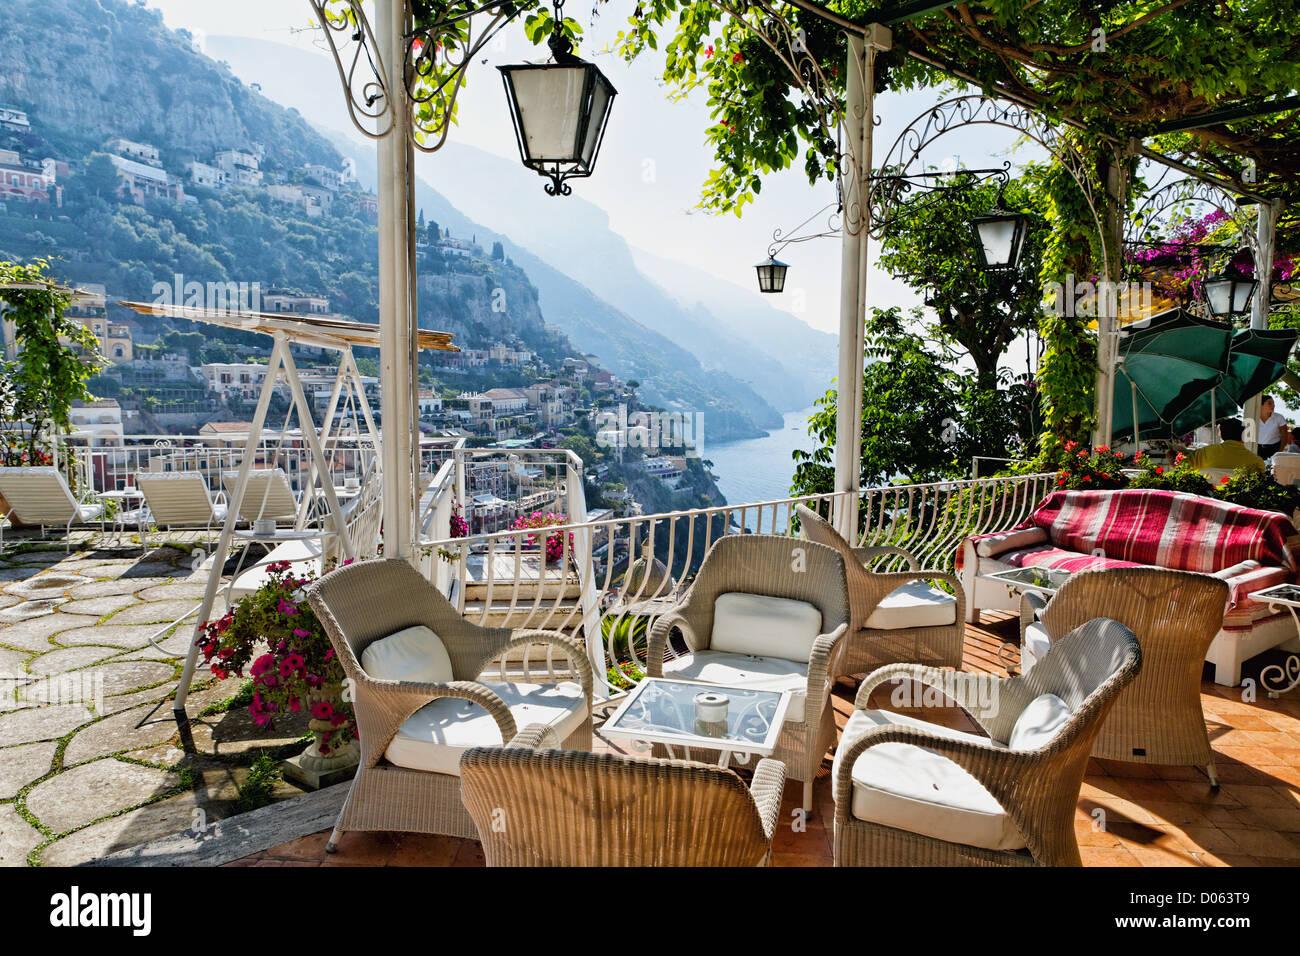 Terrasse Des Hotel Poseidon Positano Kampanien Italien Stockfoto